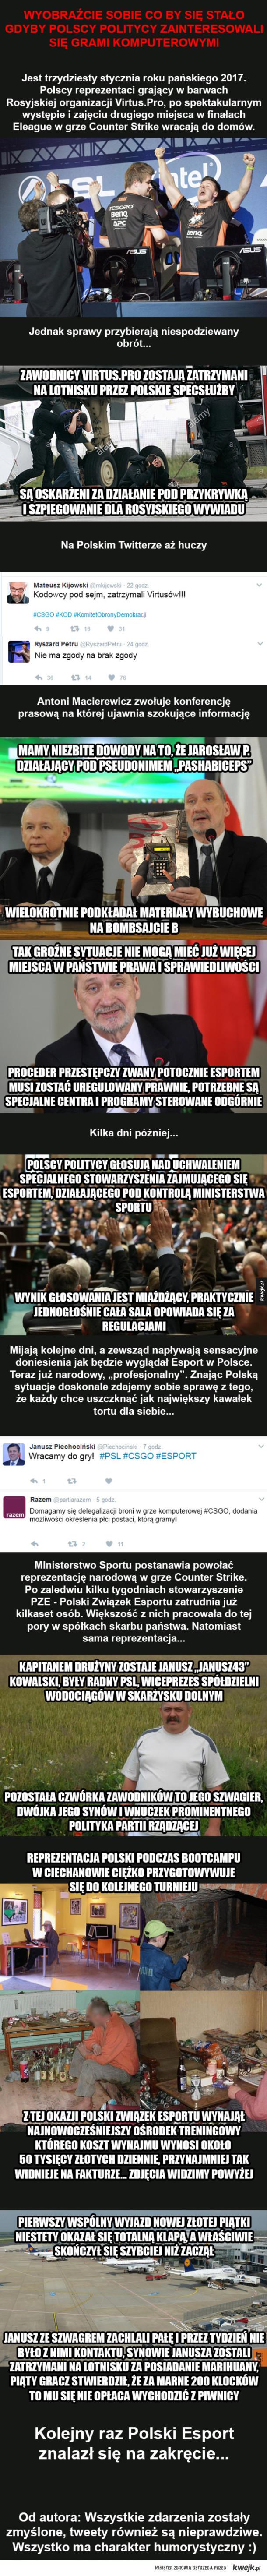 Polscy politycy postanowili zająć się Esportem. Masakra!